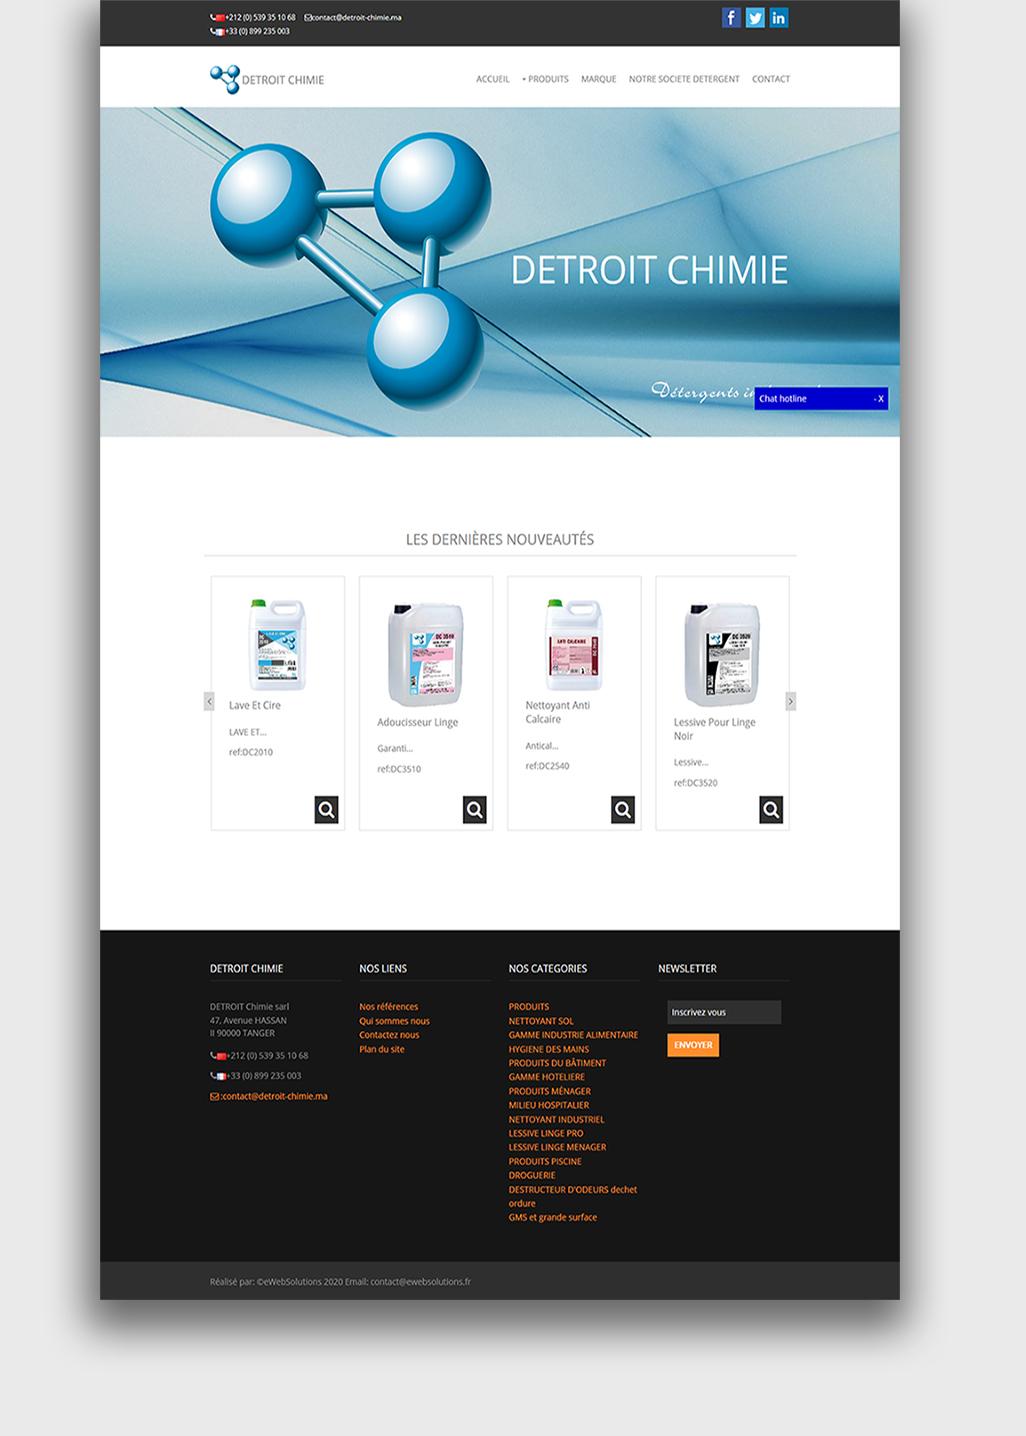 Detroit chimie